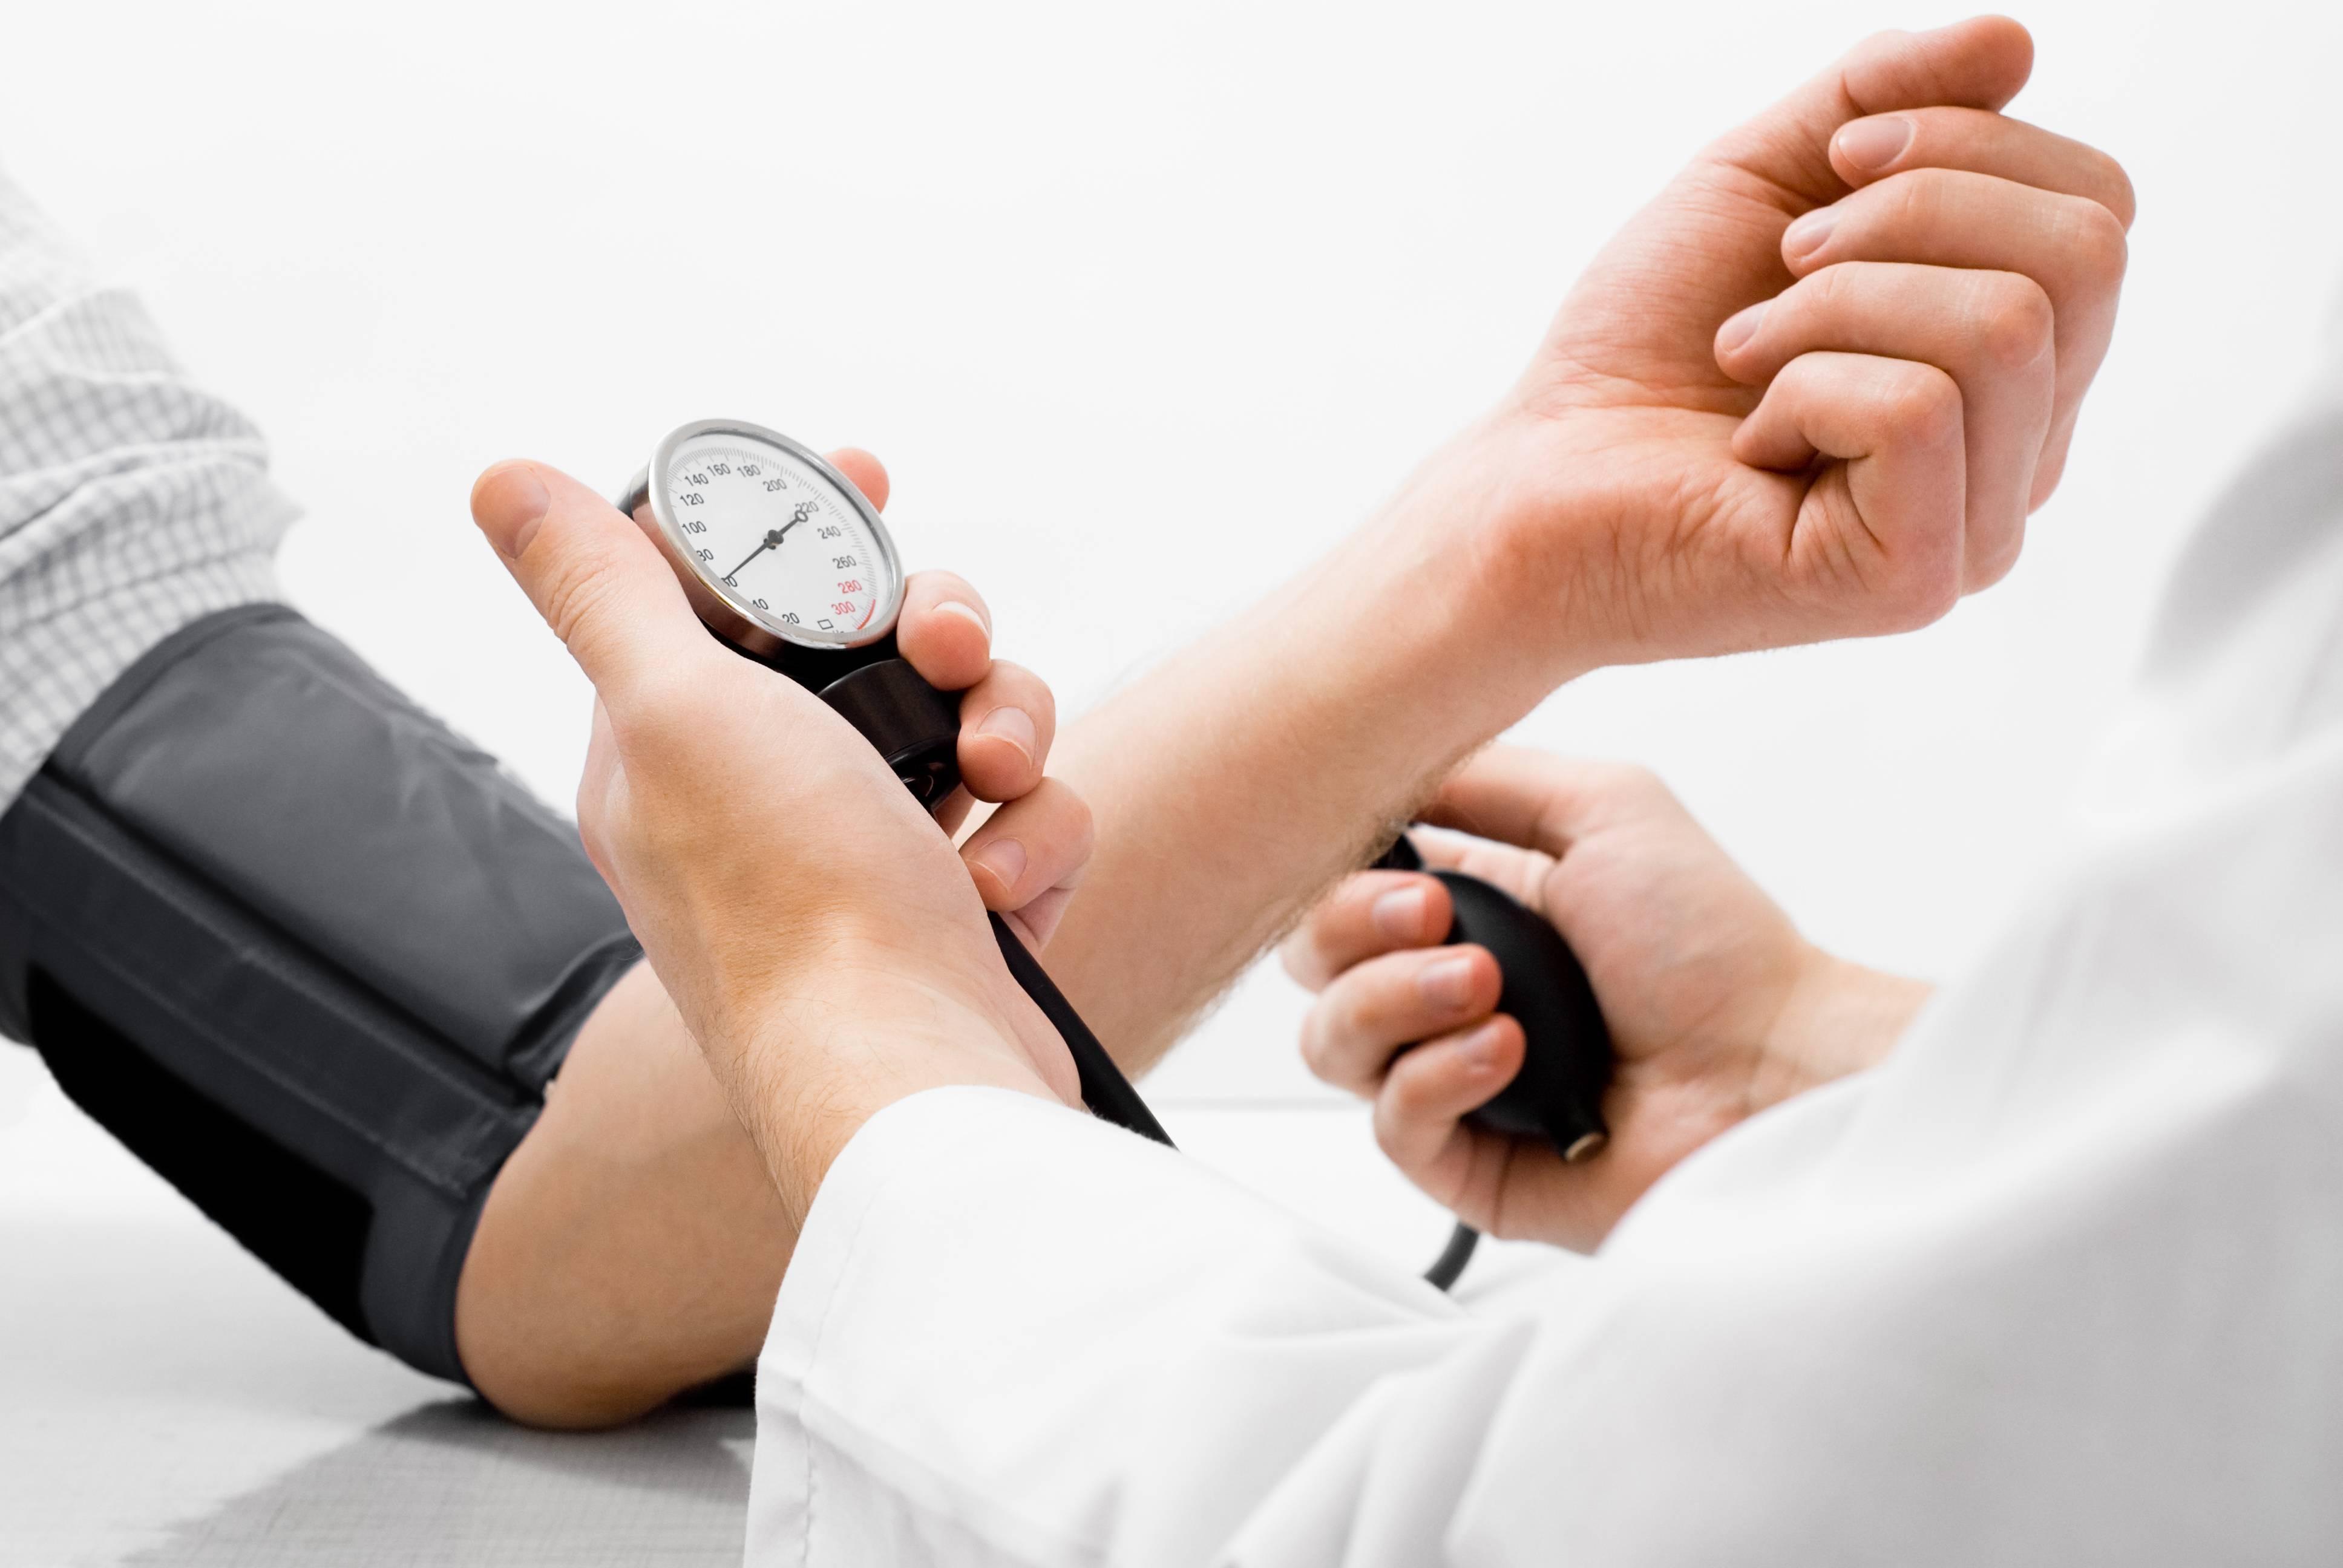 البطاطا الحلوة تعمل على تعديل ضغط الدم المرتفع